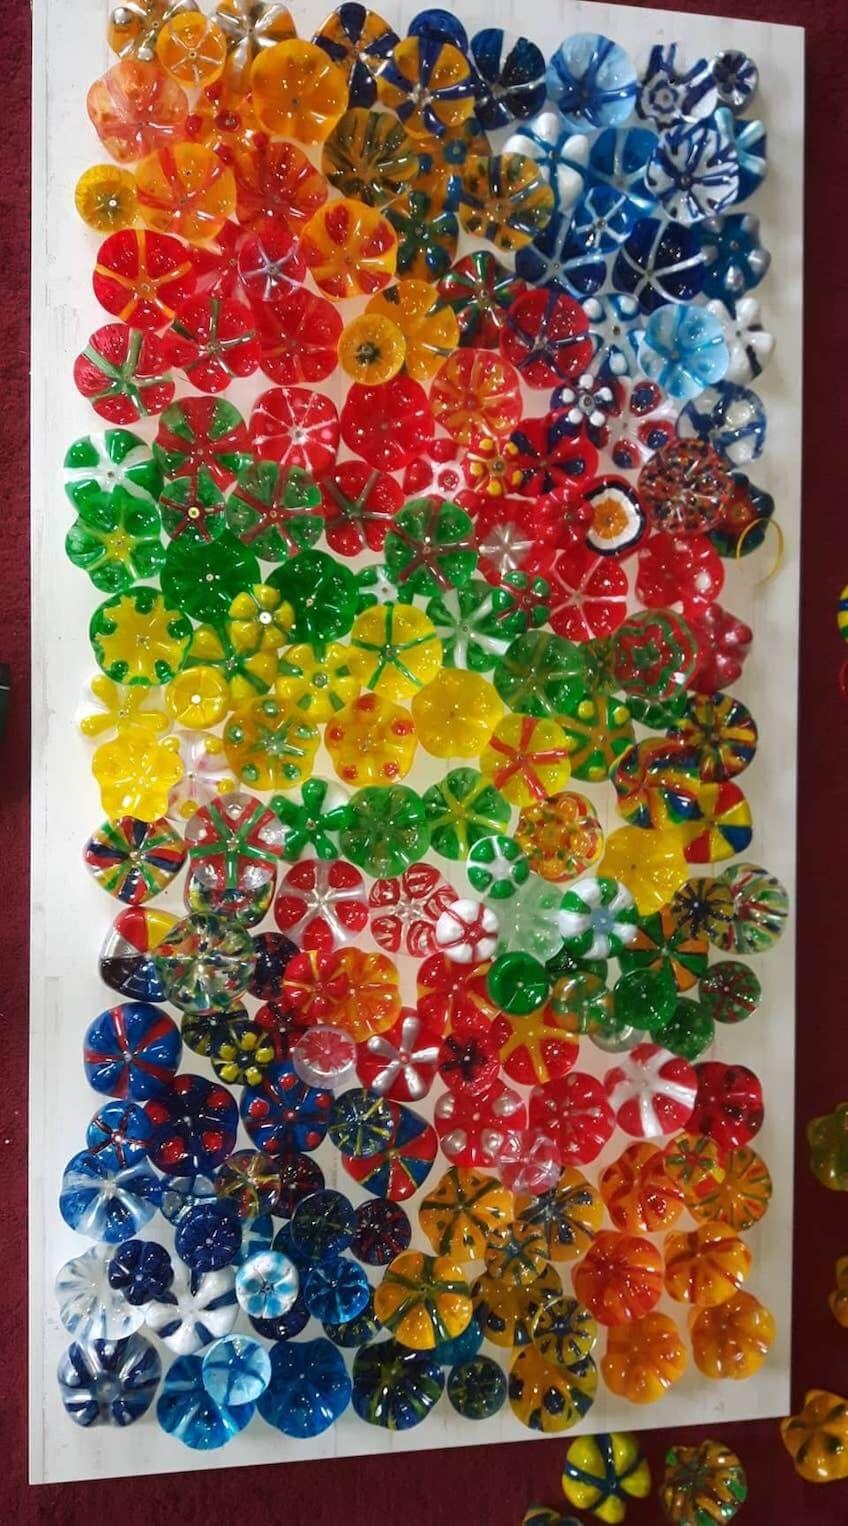 Blumen-Kunstwerk aus PET-Flaschen-Böden - einfacher als das Ergebnis vermuten lässt! Blumen-Kunstwerk aus PET-Flaschen-Böden - einfacher als das Ergebnis vermuten lässt!